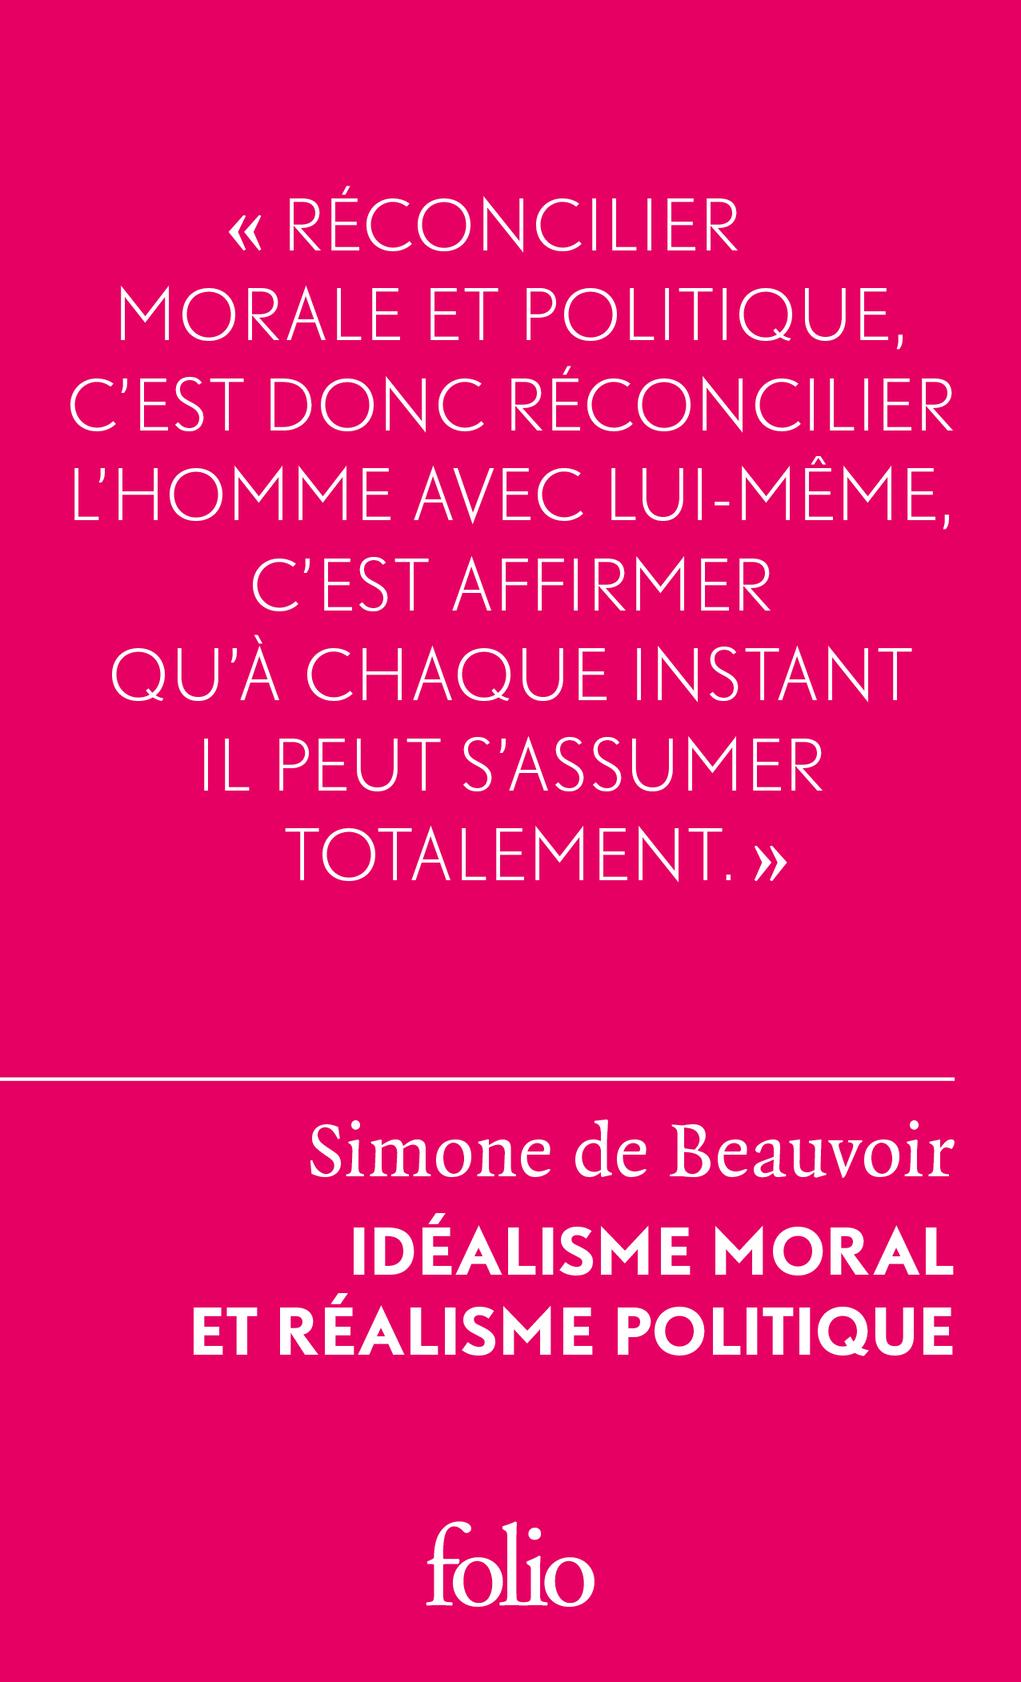 S. de Beauvoir, Idéalisme moral et réalisme politique